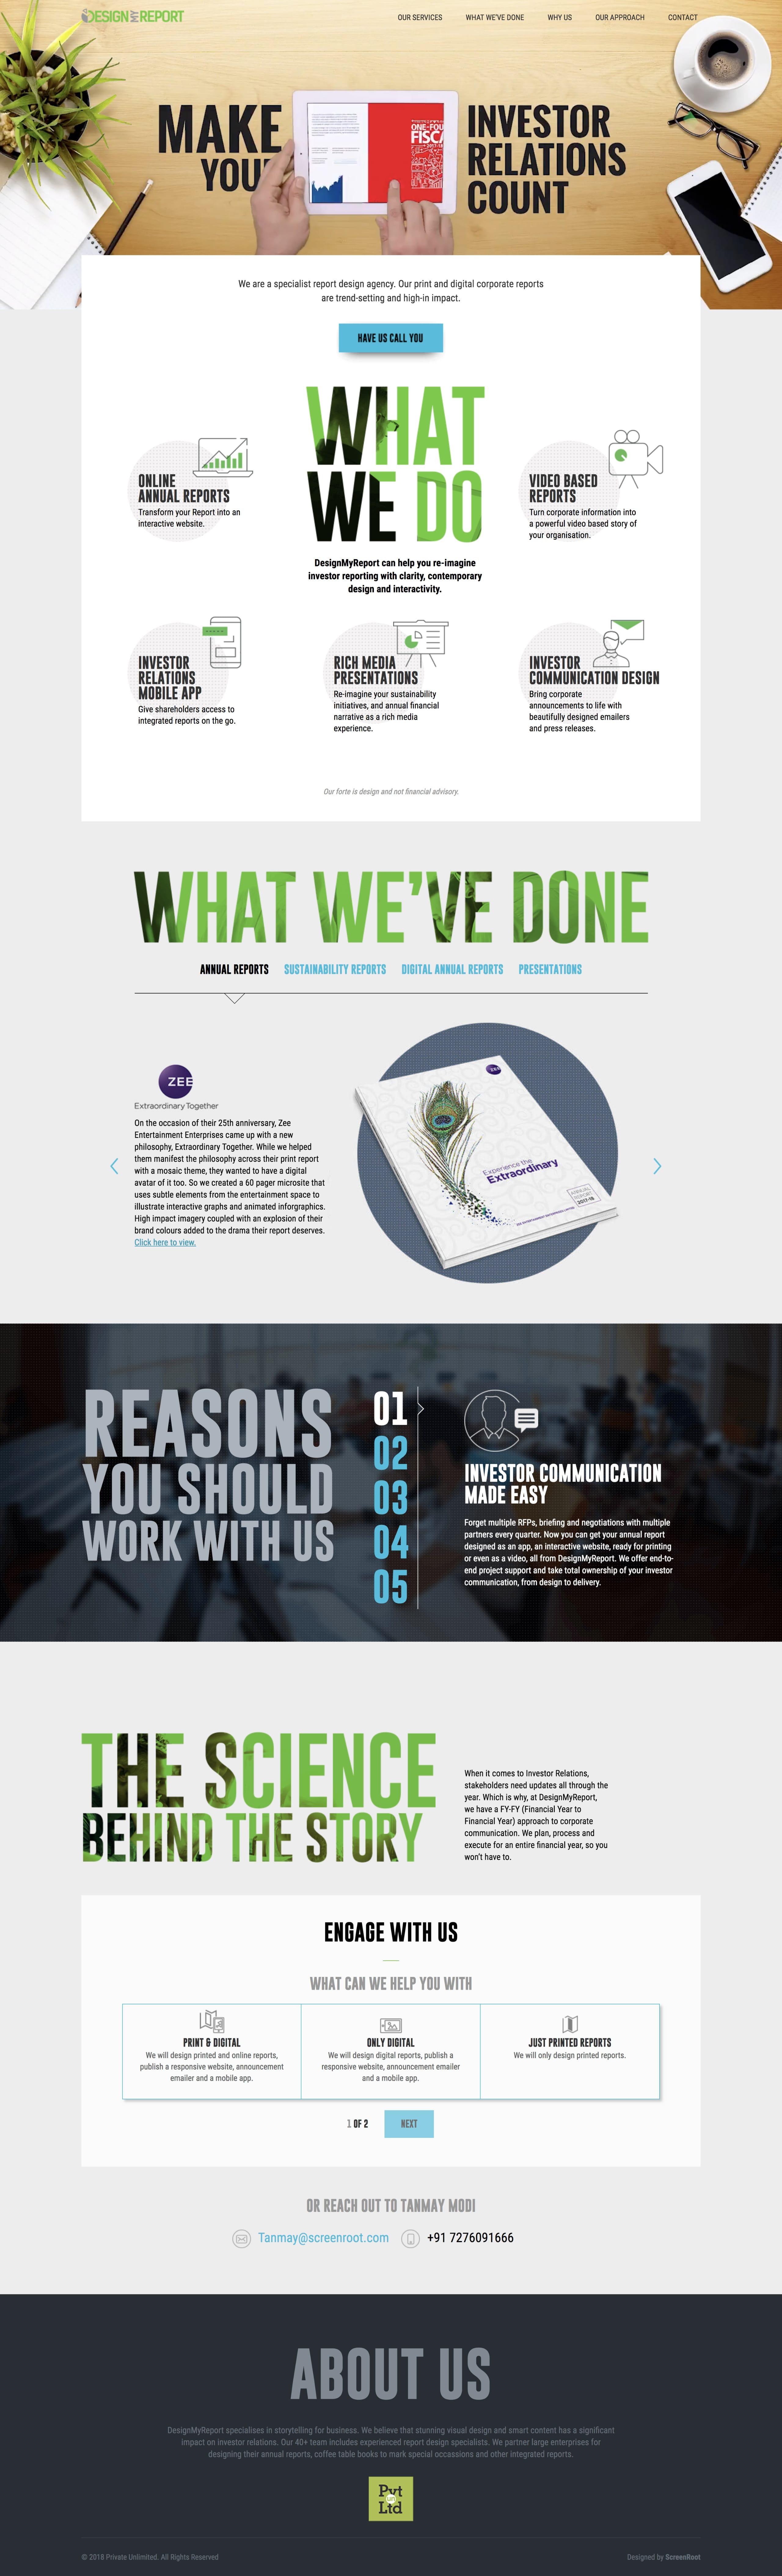 Design My Report Website Screenshot